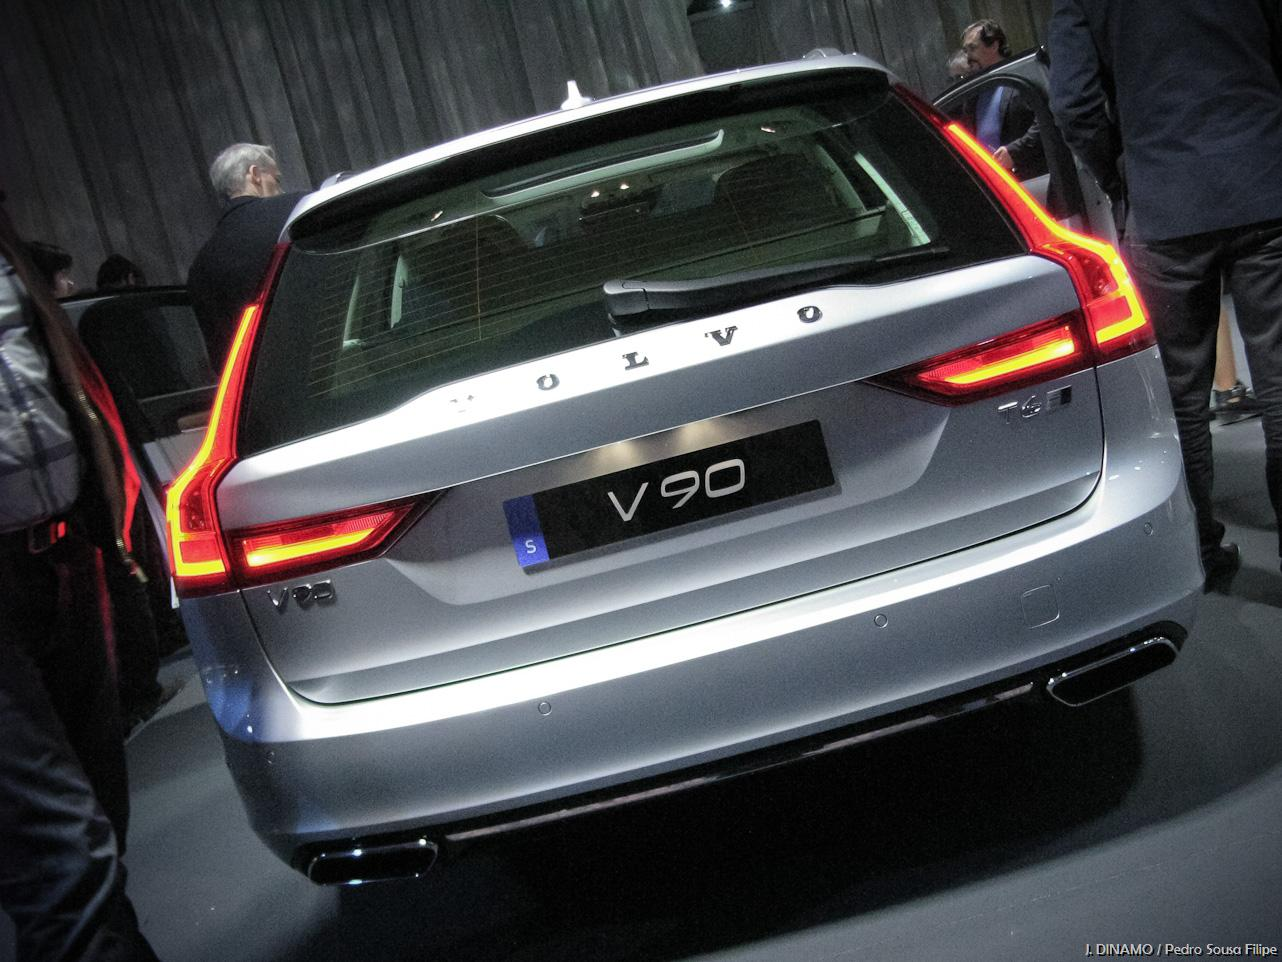 VolvoS90-V90_PSF_077